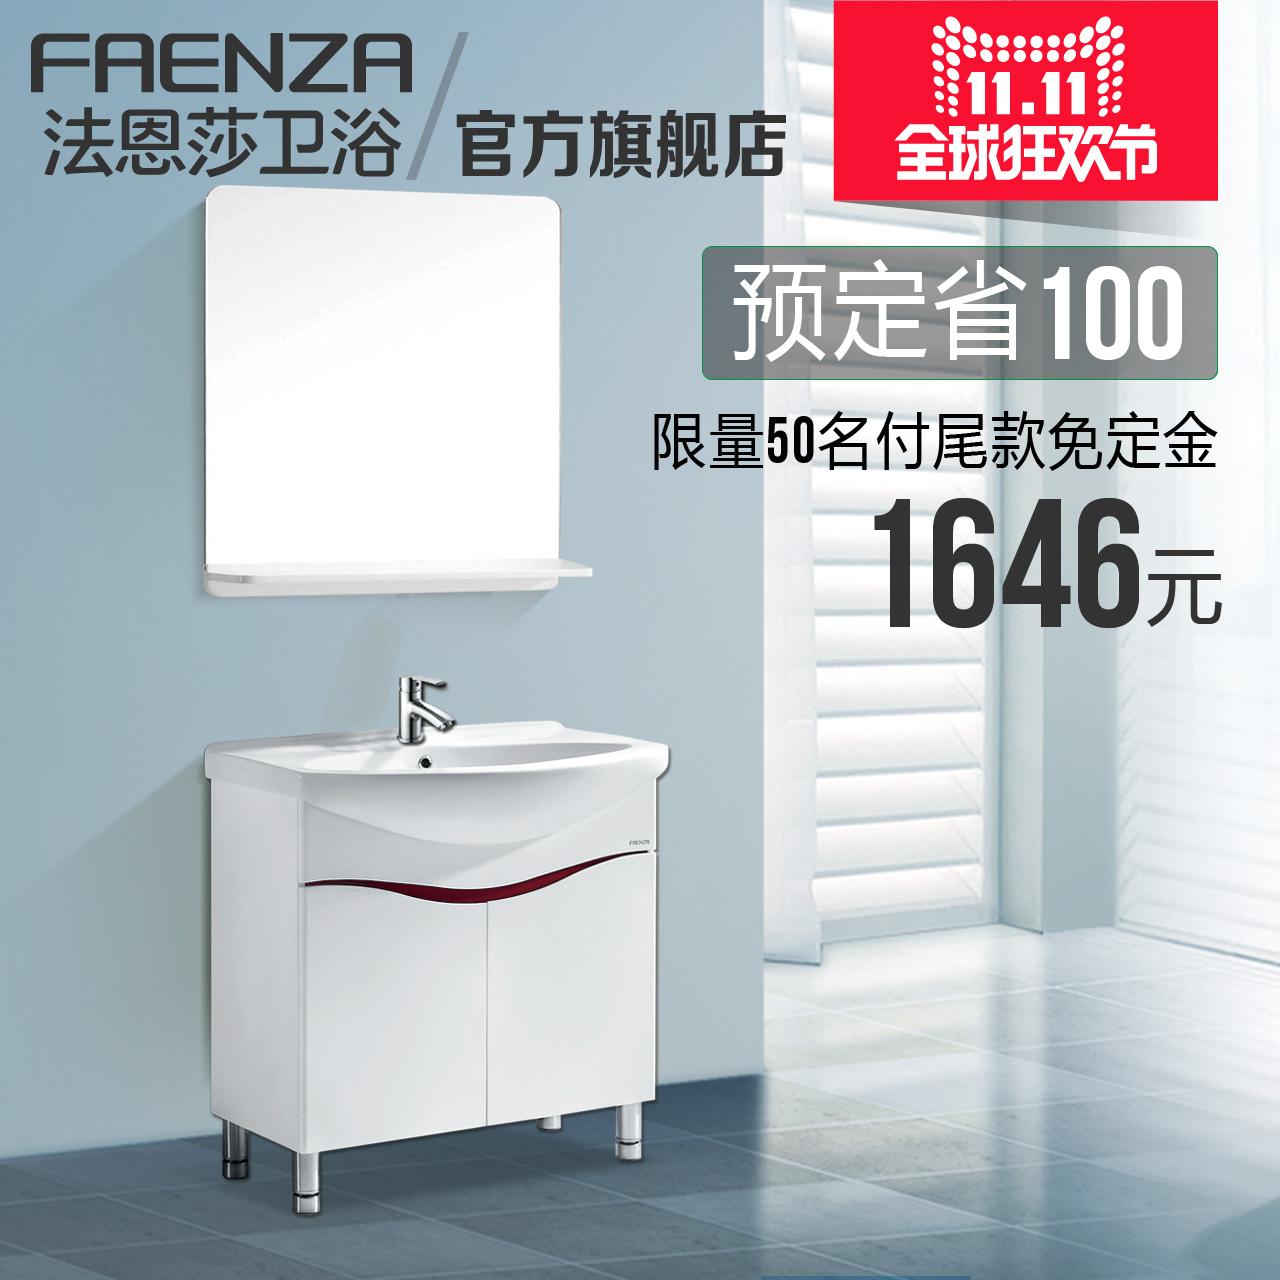 Buy Pvc bathroom cabinet bathroom cabinet combination of european ...